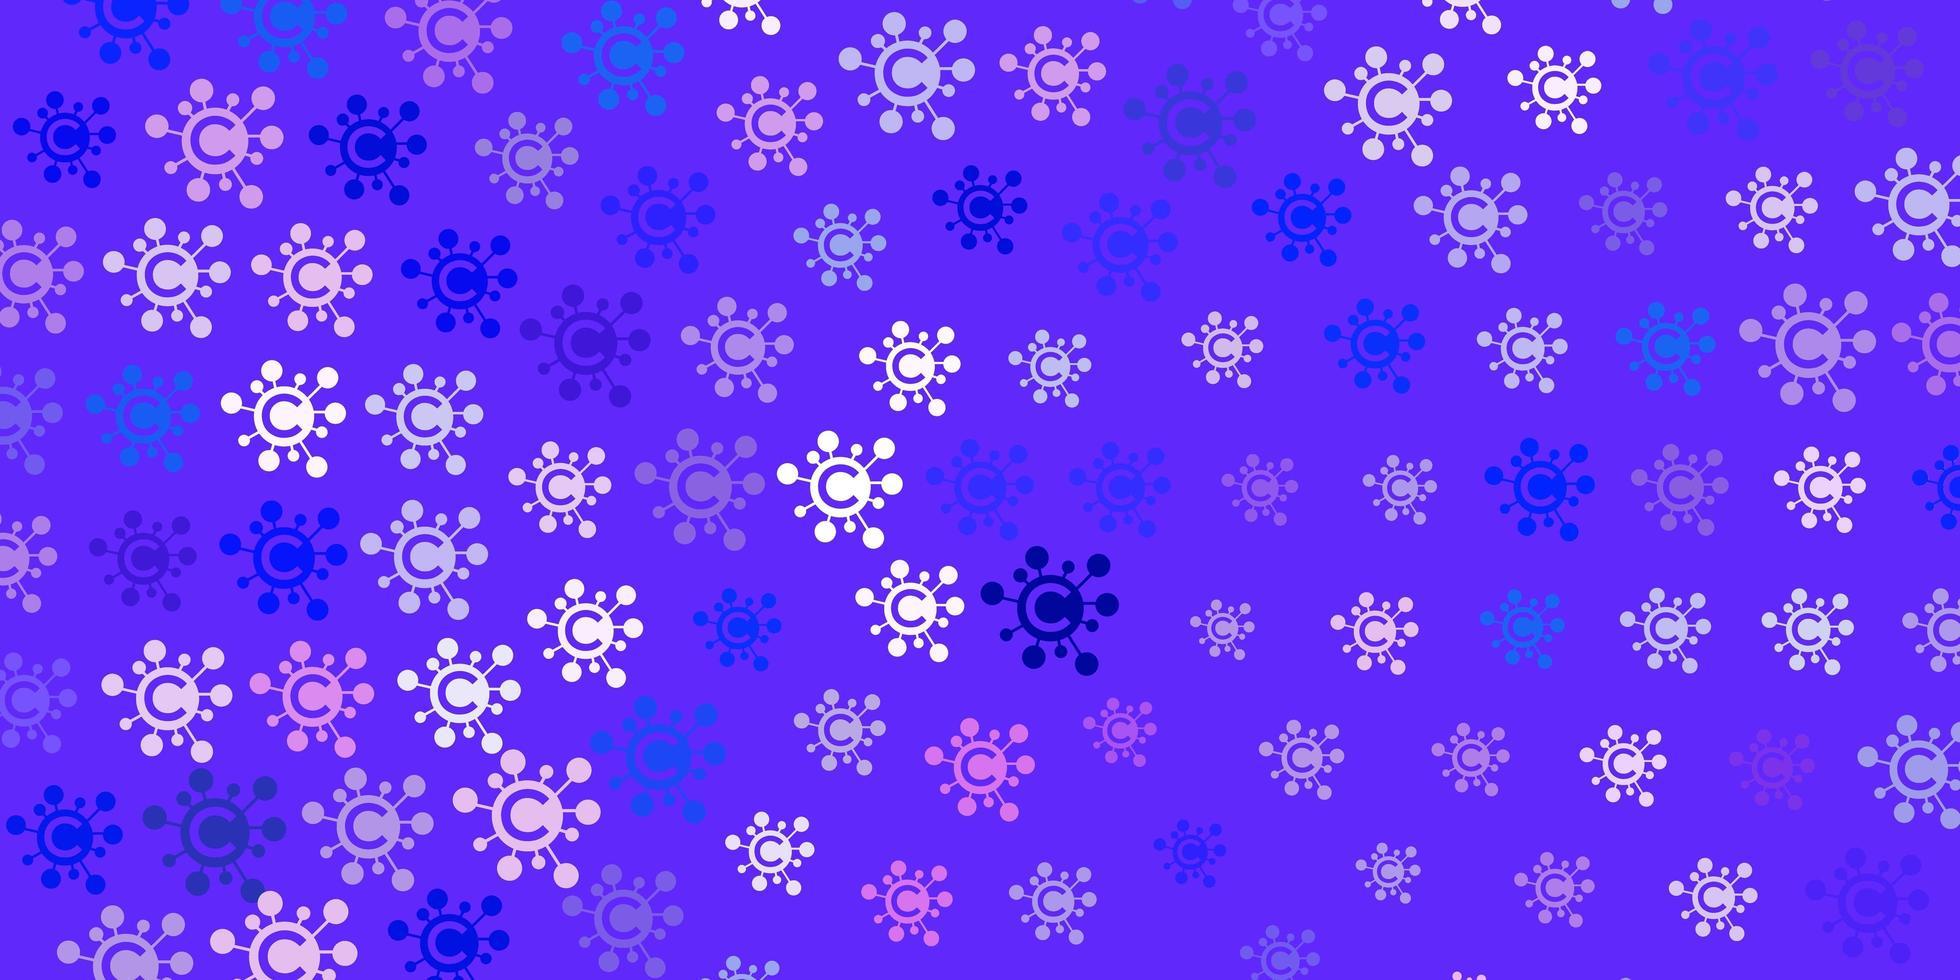 modèle vectoriel rose clair, bleu avec des signes de grippe.